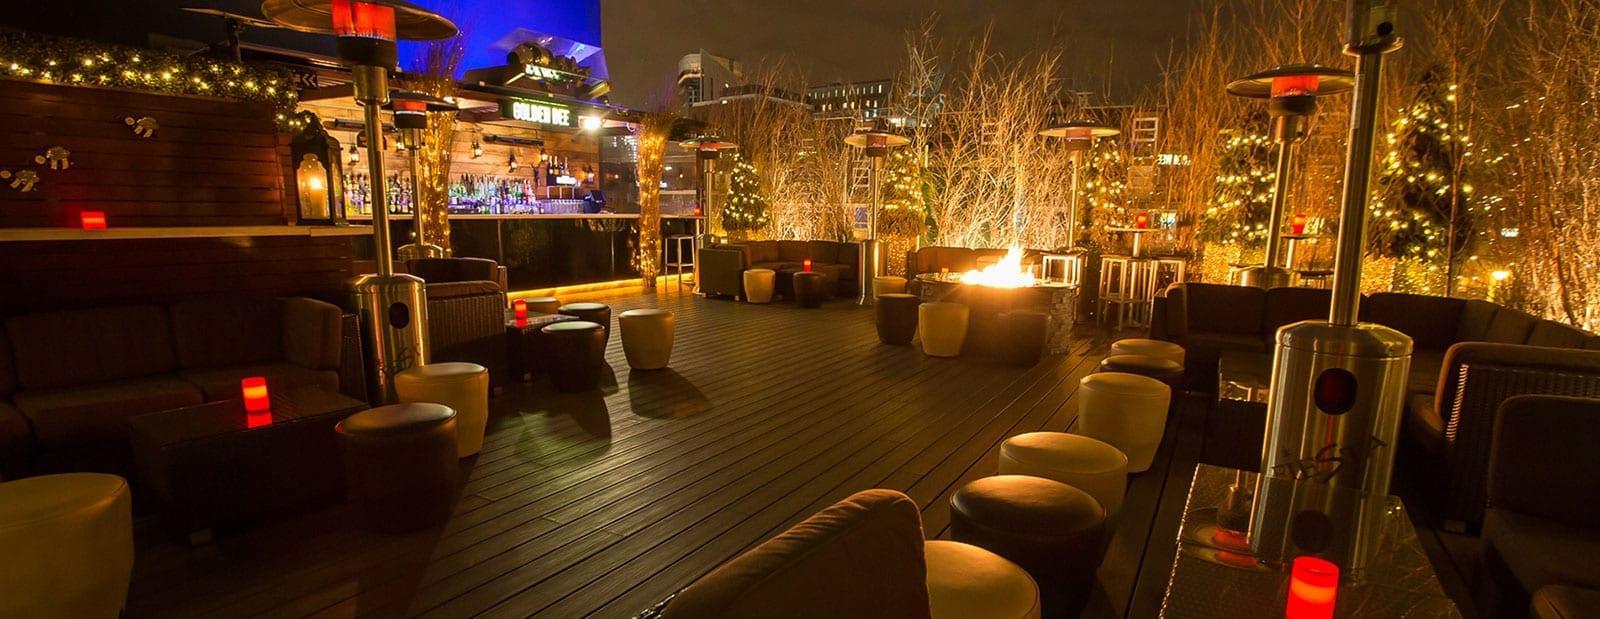 Rooftop-bar-London-Golden-Eye-02